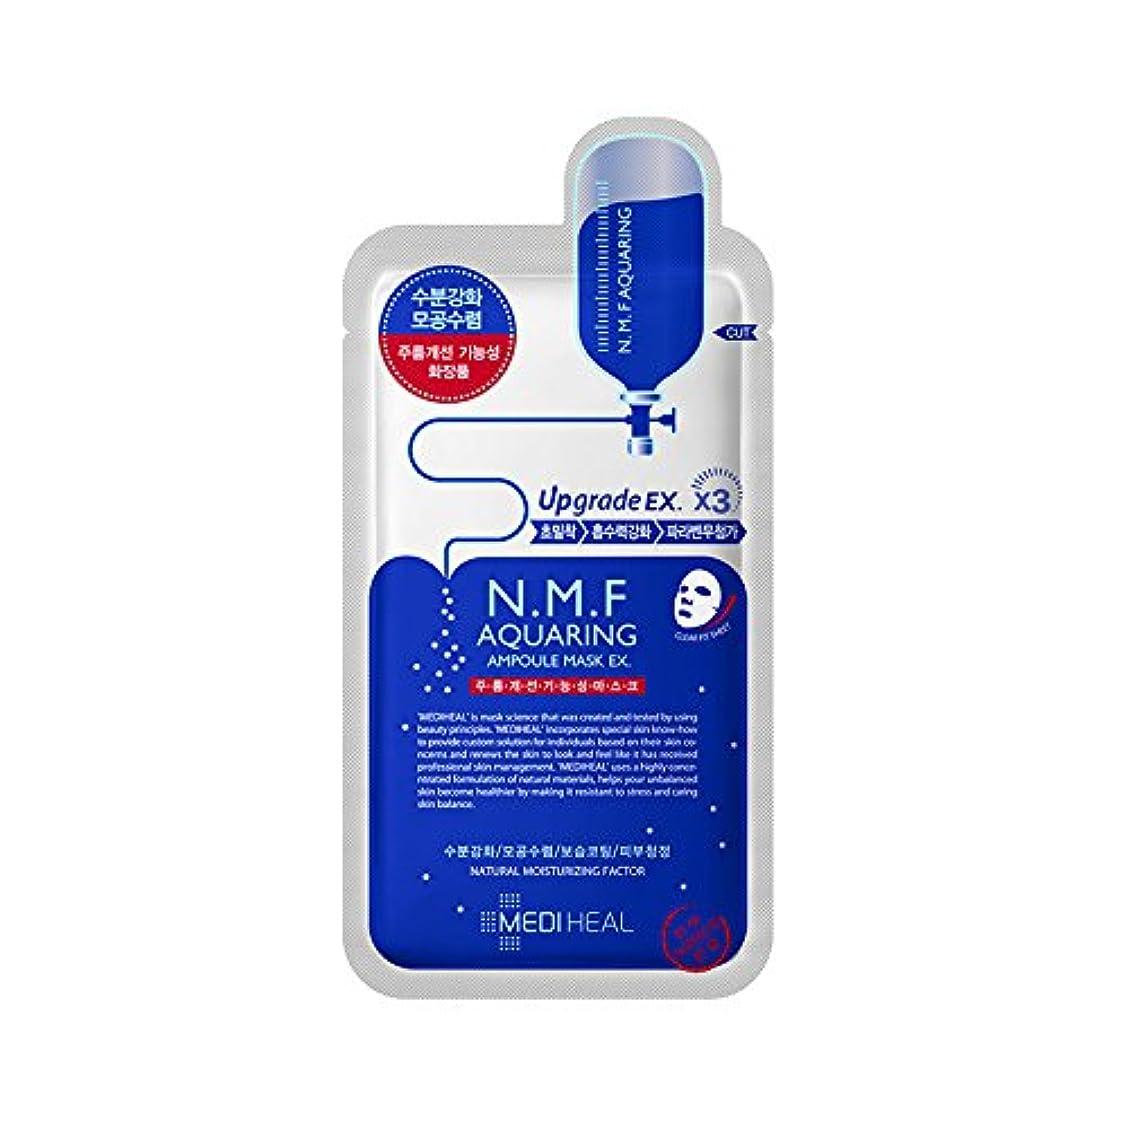 センチメートル行う研究Mediheal メディヒール N.M.F アクアリング アンプル?マスクパック 10枚入り (Aquaring Ampoule Essential Mask Pack 1box 10sheet)